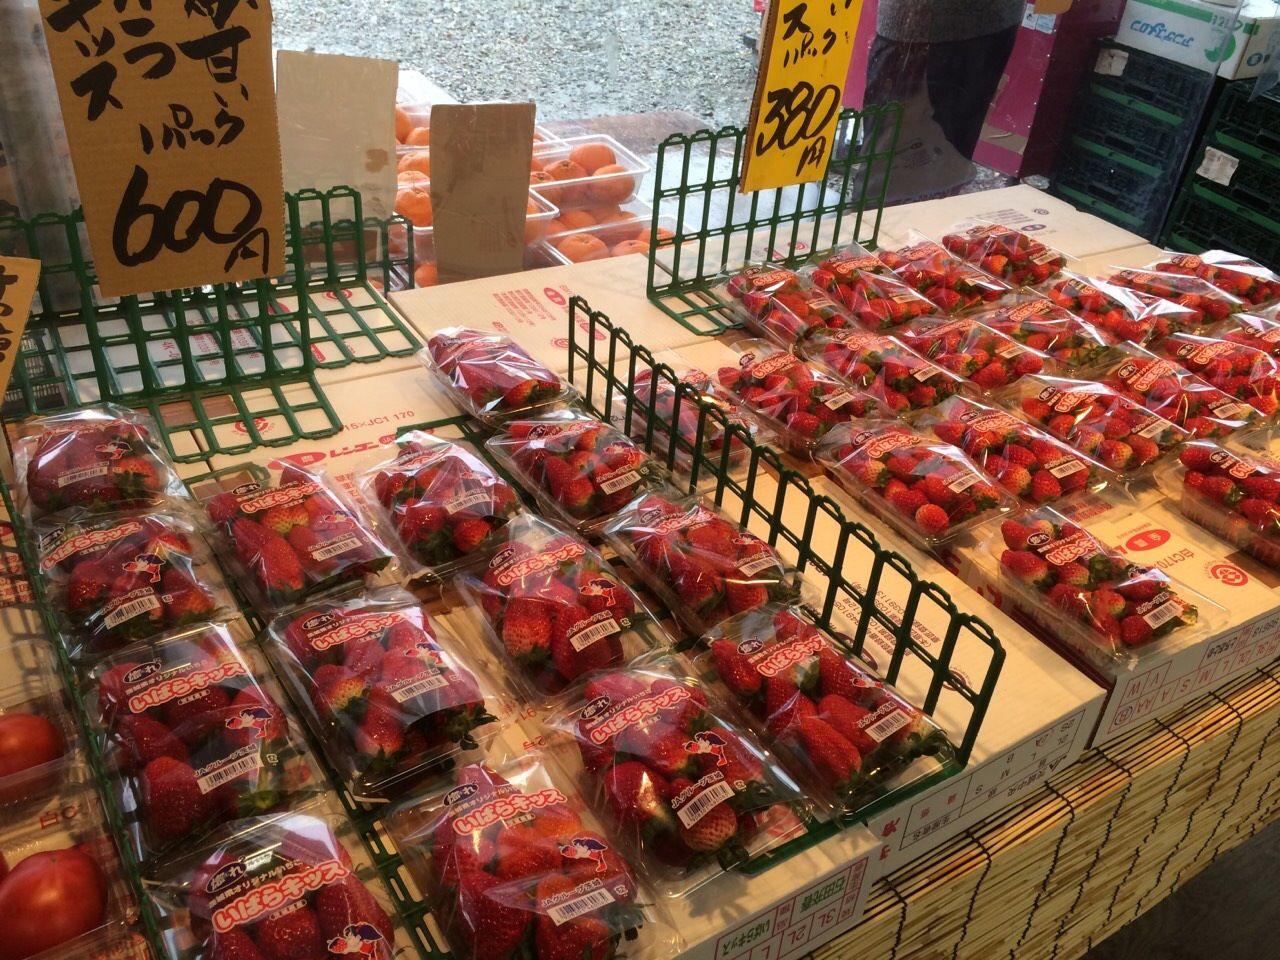 華野果市場のフレッシュフルーツ